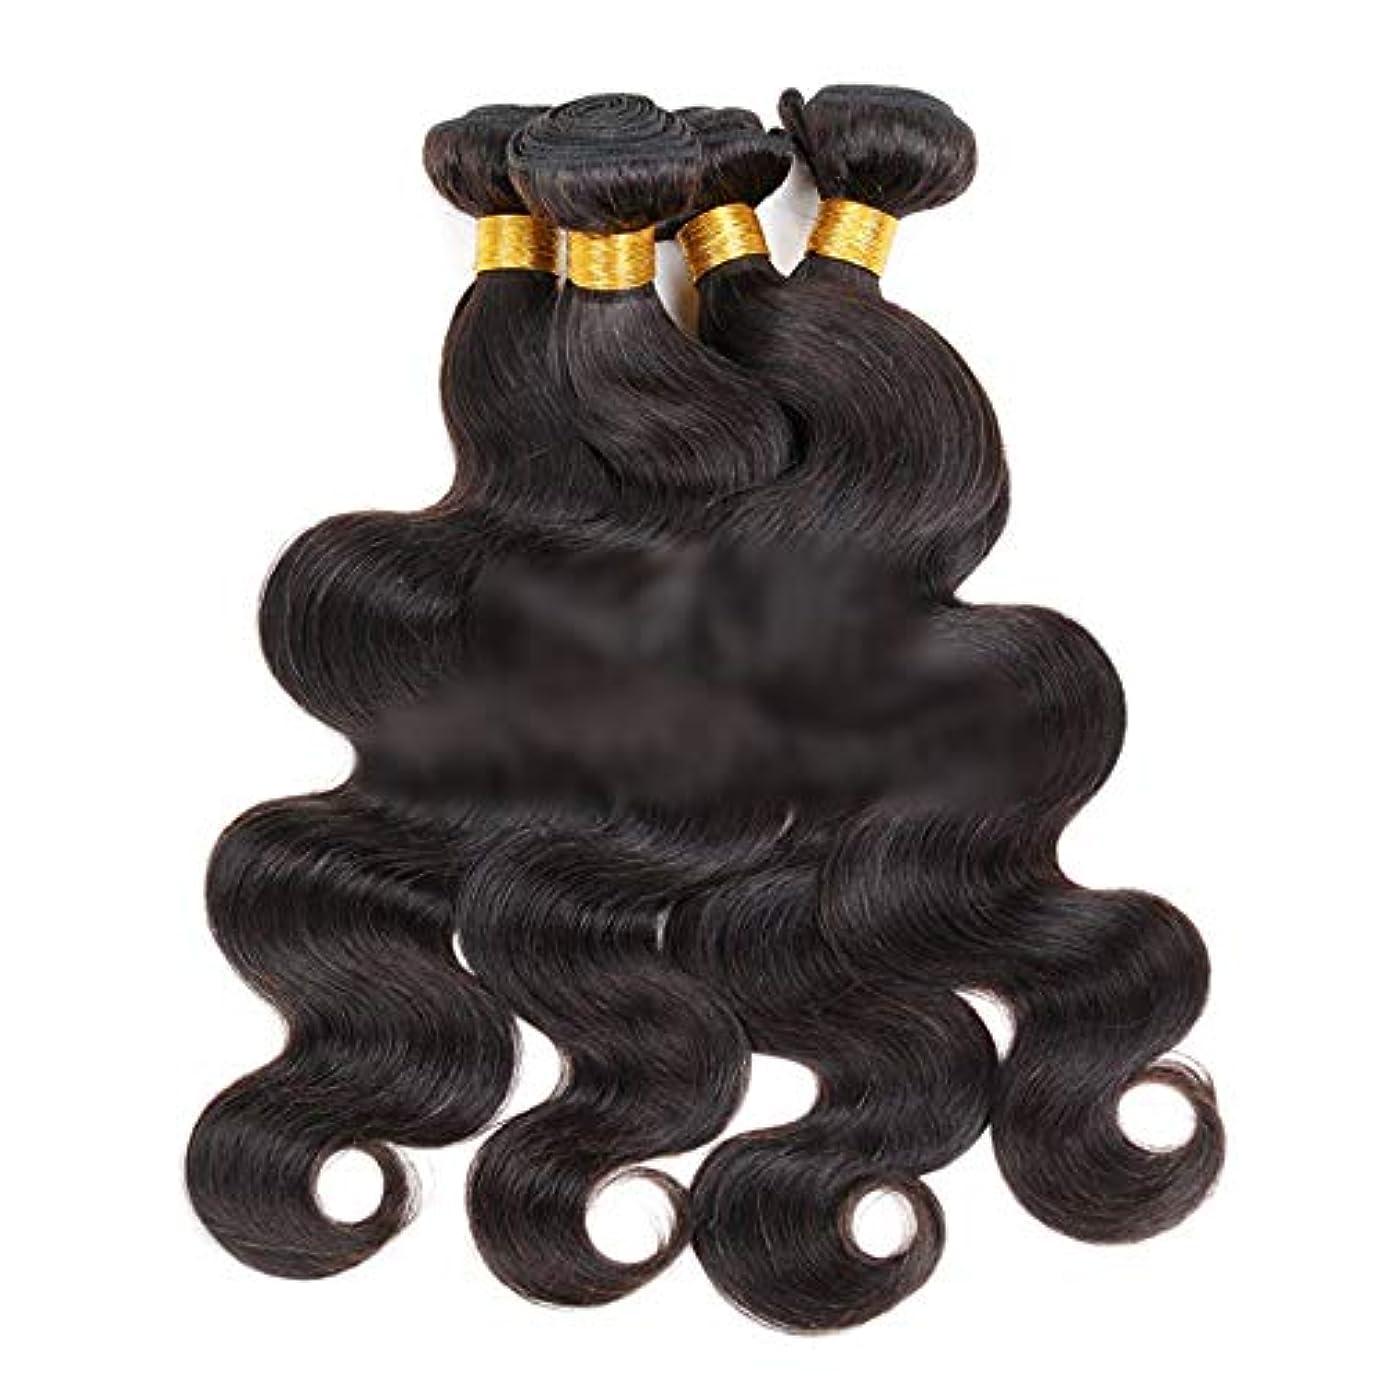 晩餐バンドル覚醒HOHYLLYA ブラジル実体波巻き毛の束100%本物の人間の髪の毛50g /バンドルナチュラルルッキングビッグウェーブウィッグ (色 : 黒, サイズ : 22 inch)